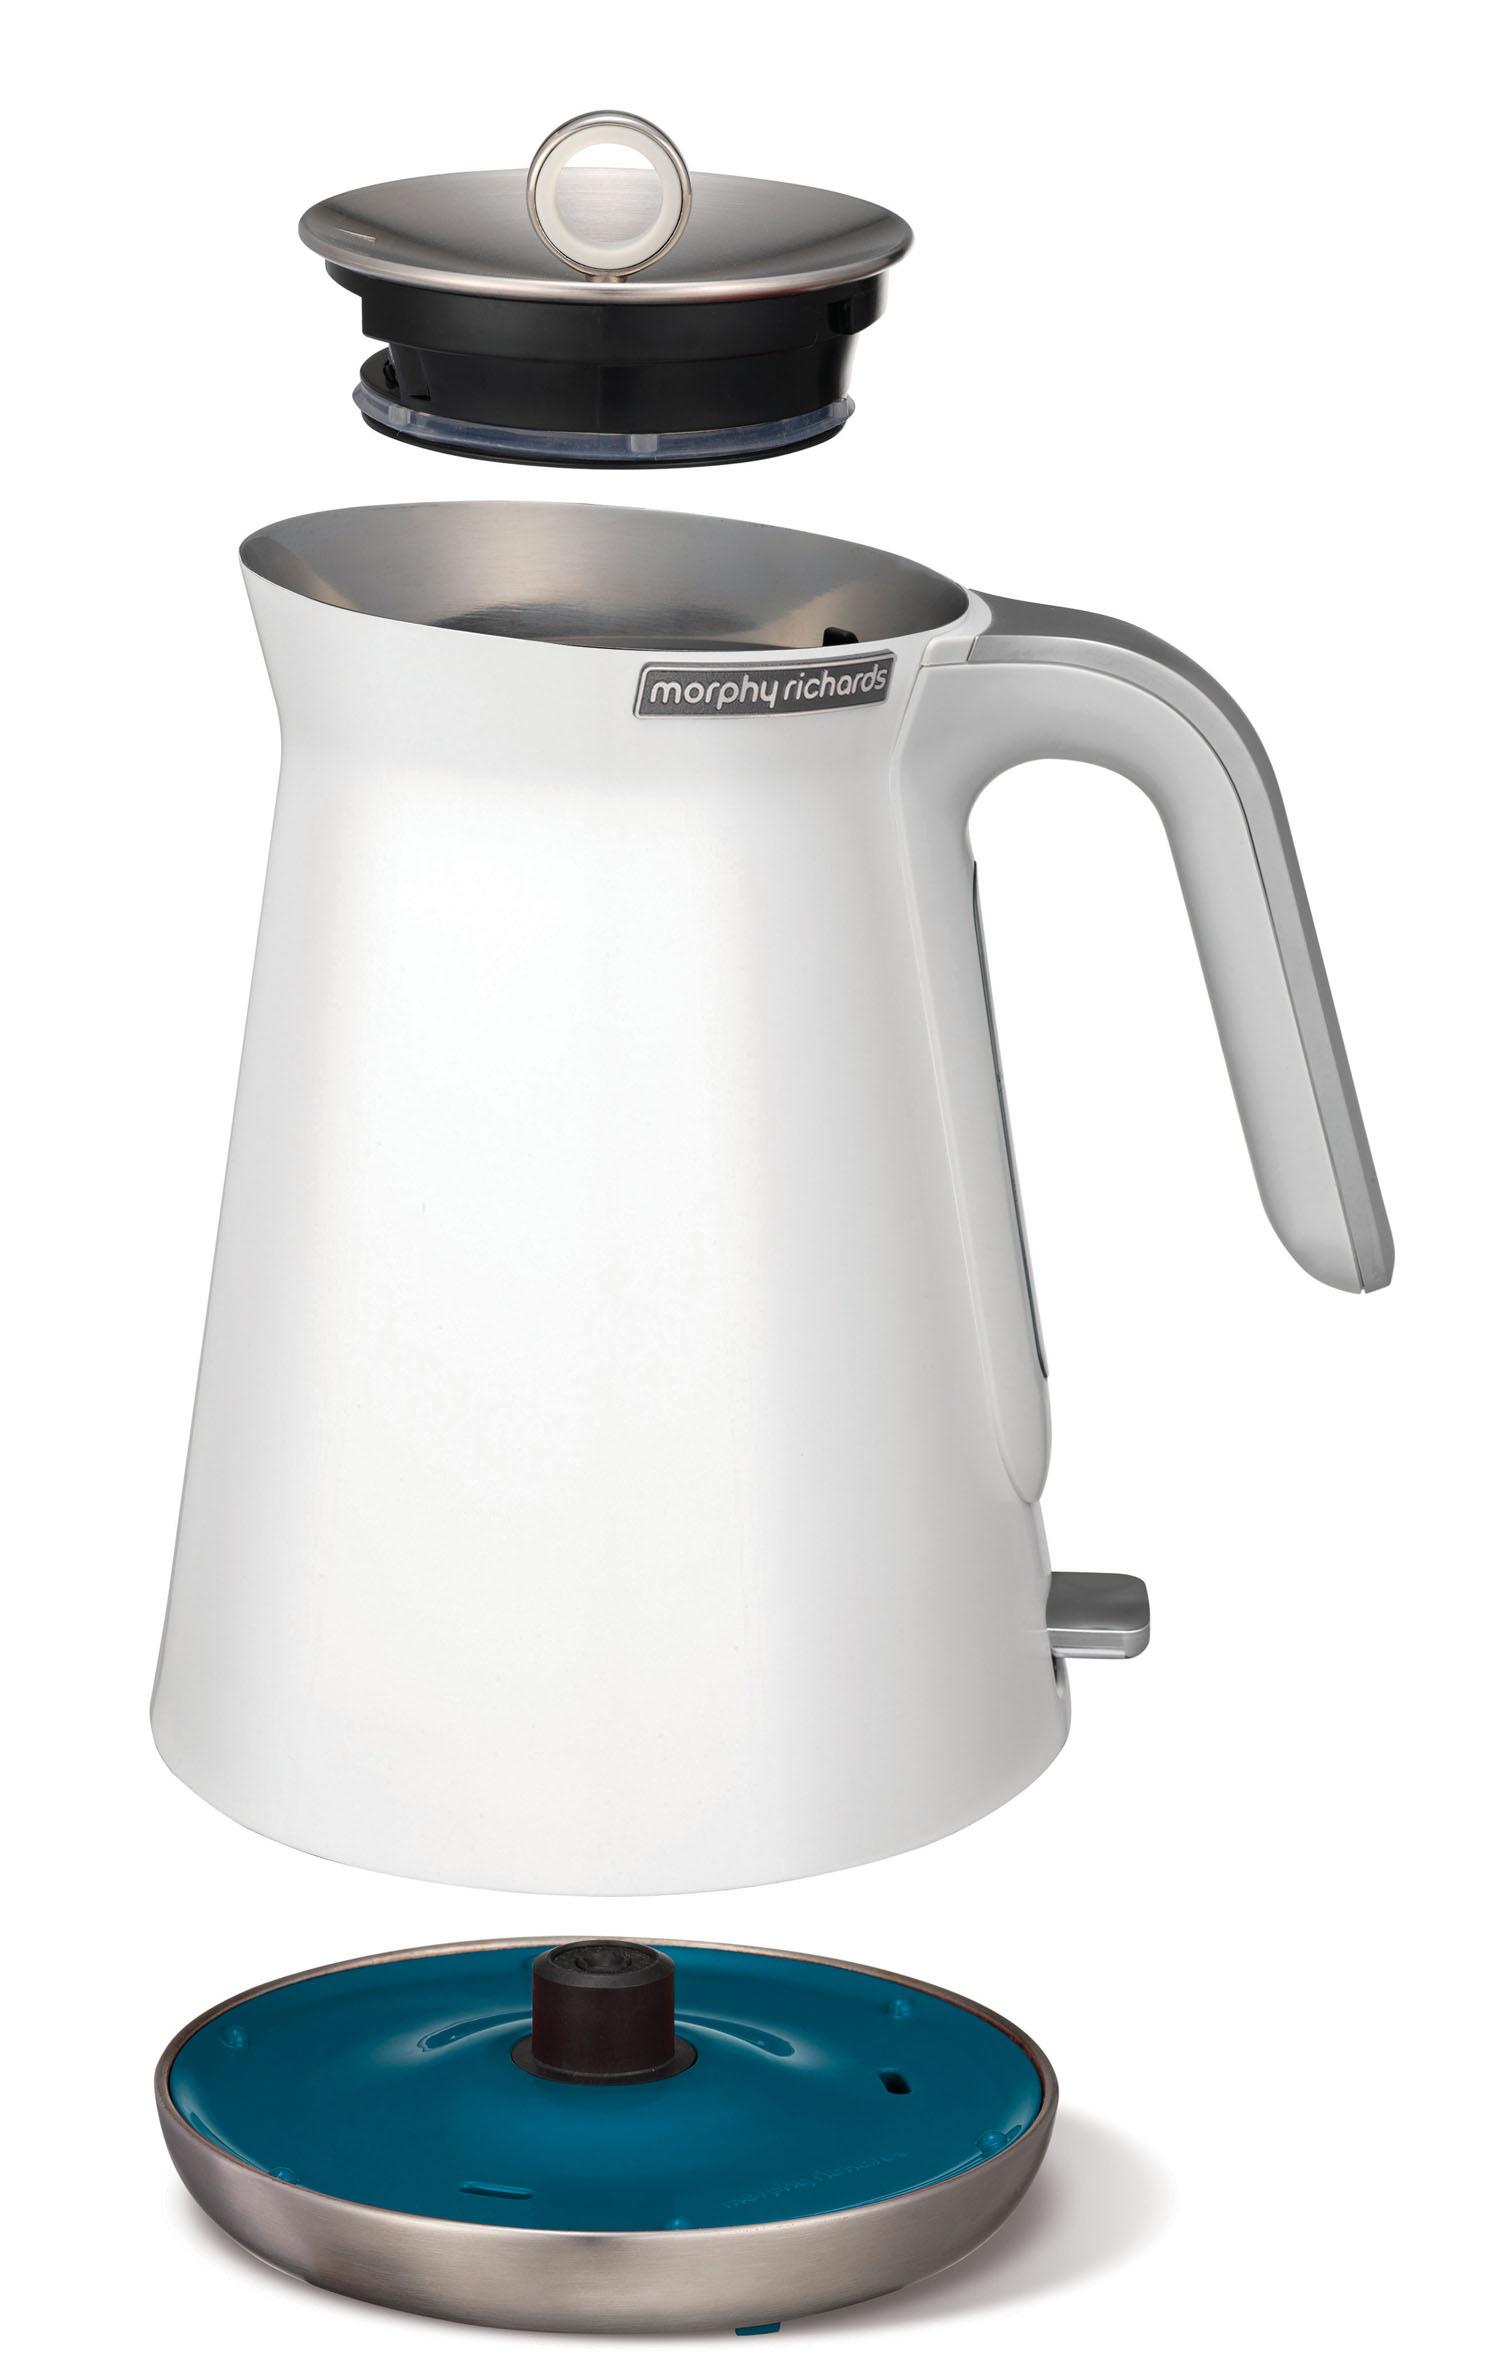 Morphy Richards Wasserkocher : morphy richards wasserkocher aspect mit kalkfilter ist aus metall ~ Watch28wear.com Haus und Dekorationen